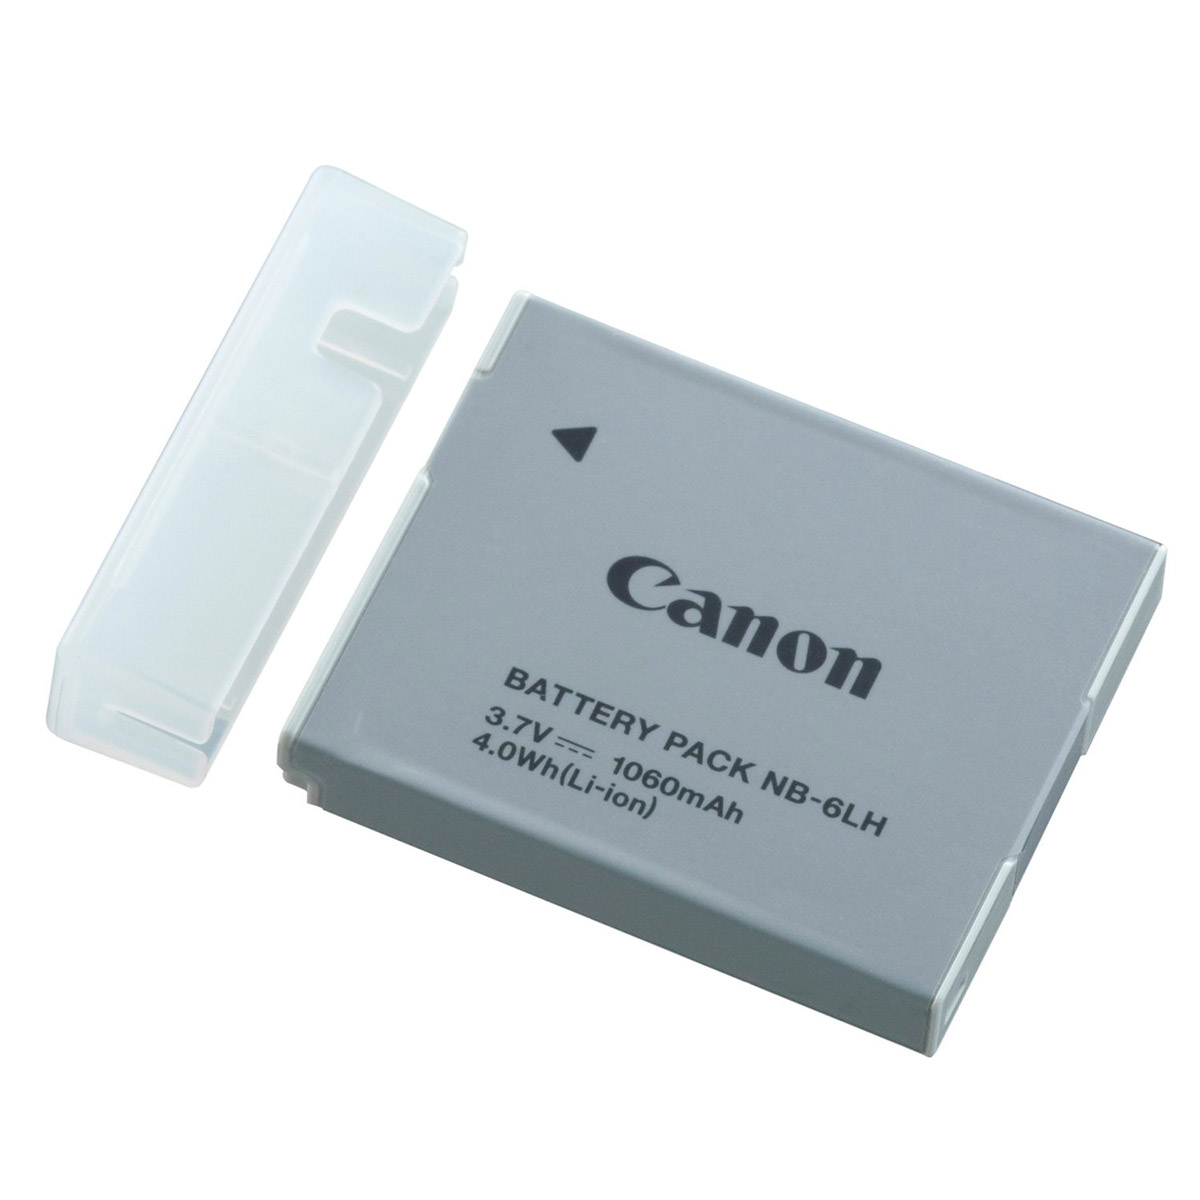 【メール便 送料無料】 キヤノン NB-6LH 純正バッテリーパック [Canon PowerShot SX710HS/SX610HS/SX700HS/SX600HS/SX530HSなどに対応/NB6LH]